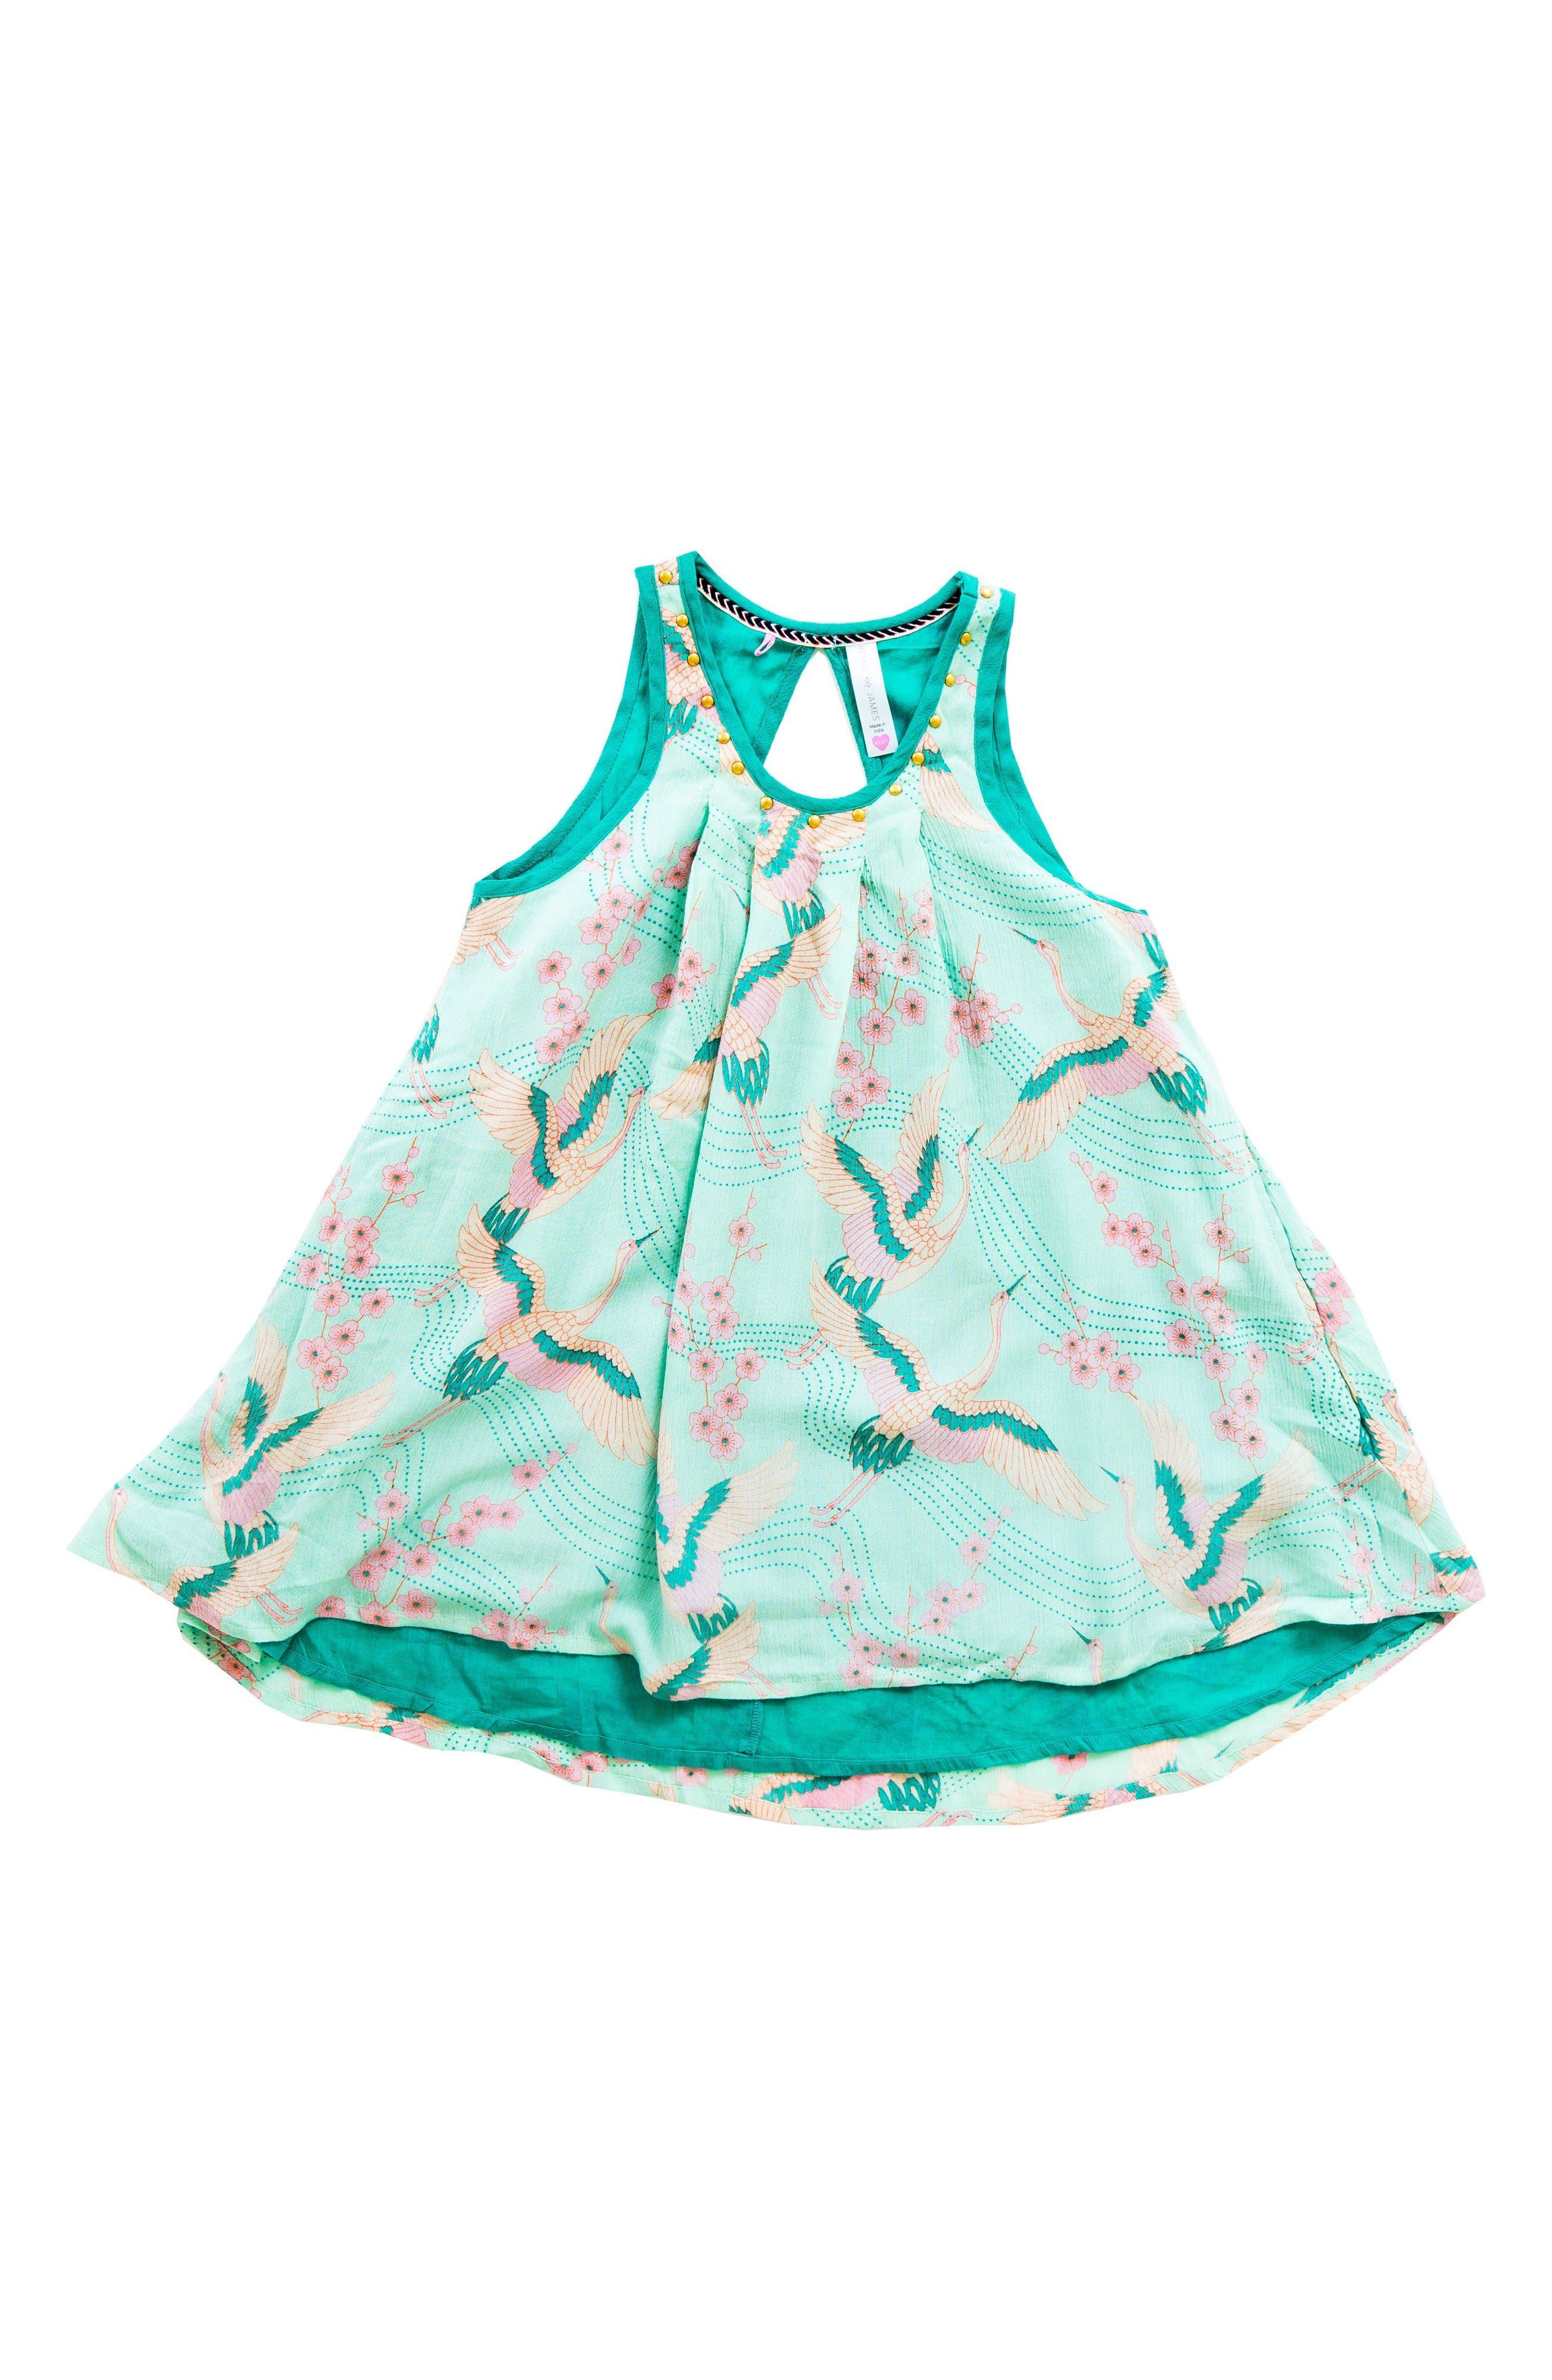 Main Image - BOWIE X JAMES Print Trapeze Dress (Toddler Girls, Little Girls & Big Girls)